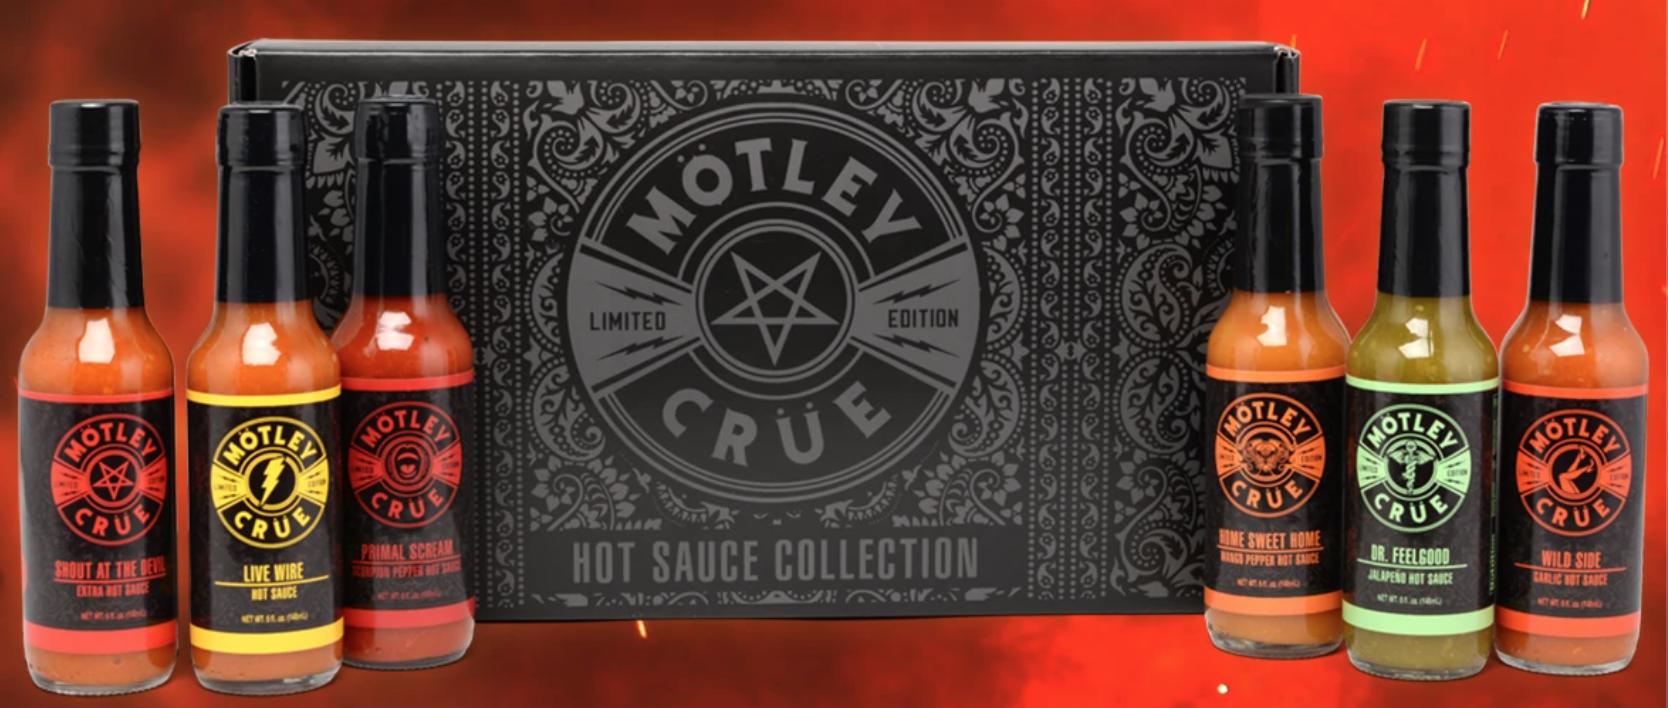 Mötley Crüe tuo markkinoille valikoiman Crüe-aiheisia chilikastikkeita